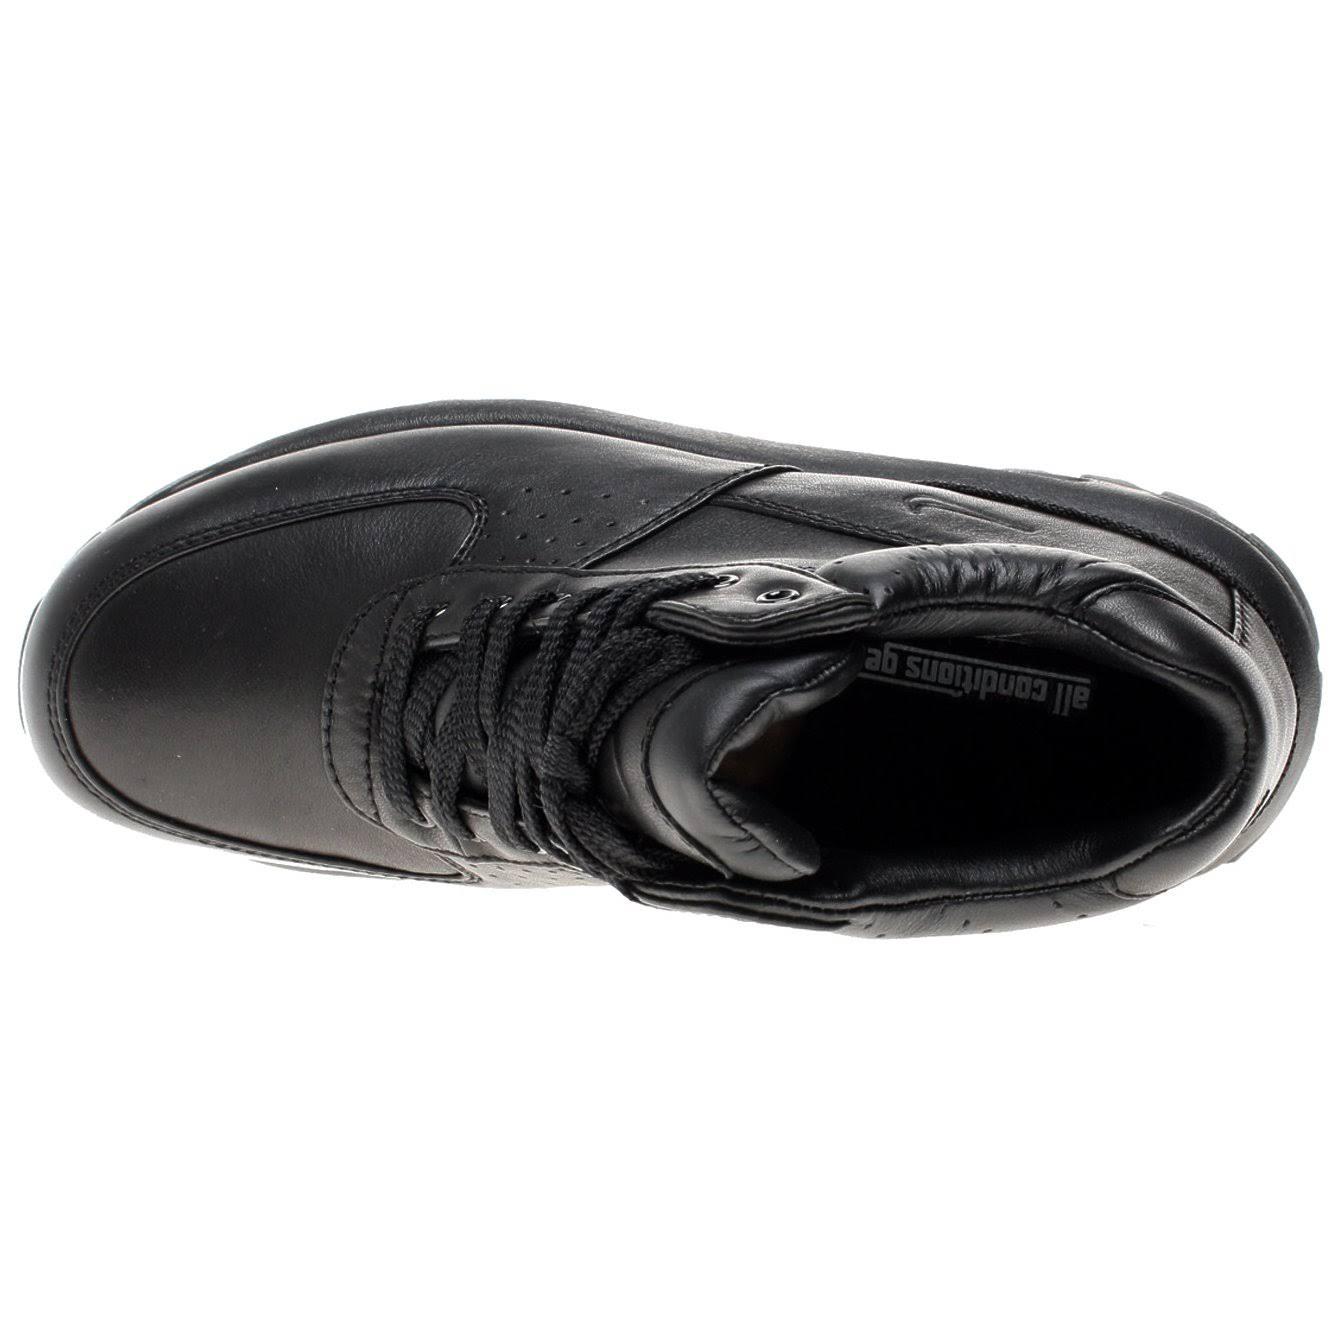 Nike Niños 5 Goadome Air Max 4 Metálico Para De Calzado Tamaño 311567001 Plateado Grado Negro ZqpZrwxXgP